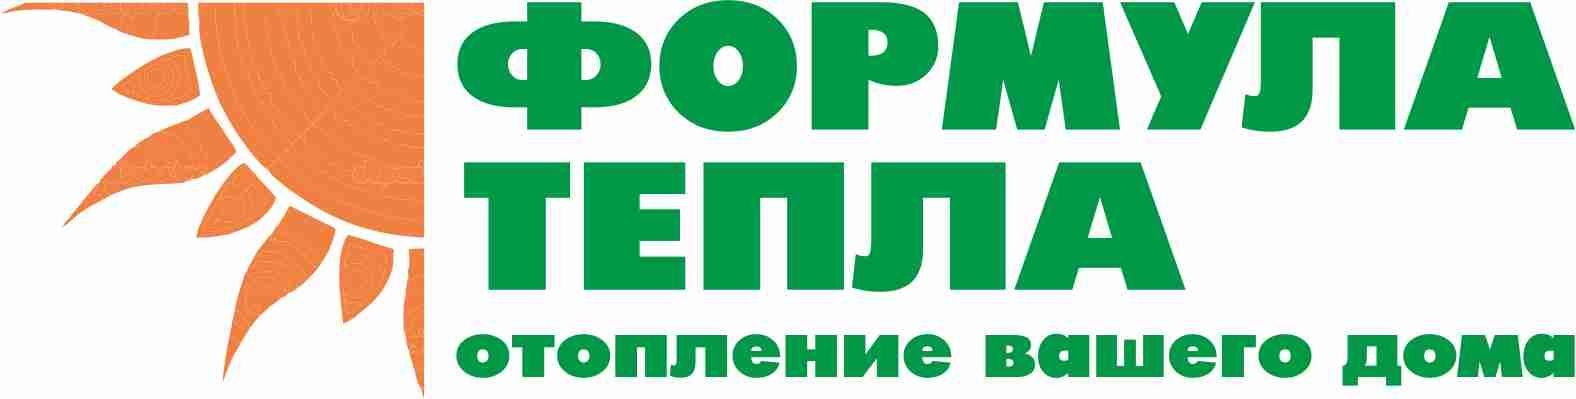 Логотип для компании Формула Тепла - дизайнер norma-art